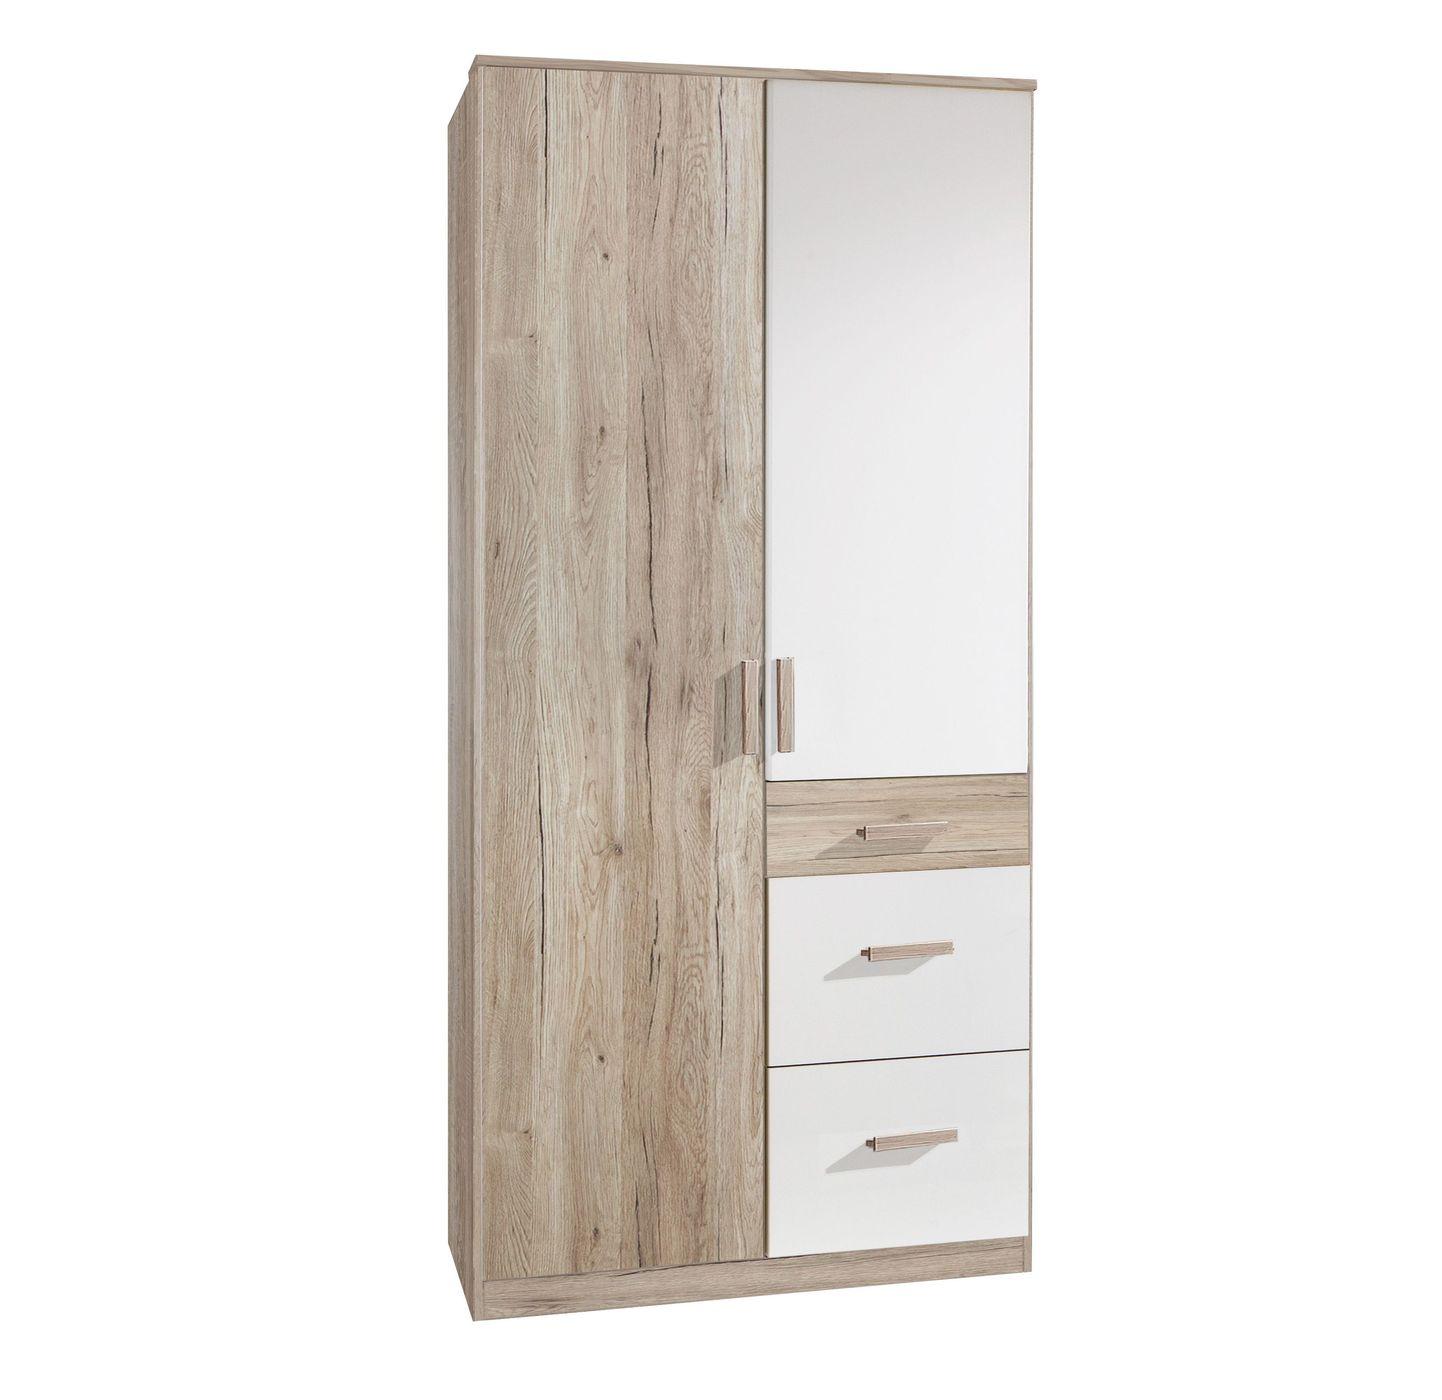 jugend kleiderschrank mit schubladen in zwei breiten tropea. Black Bedroom Furniture Sets. Home Design Ideas